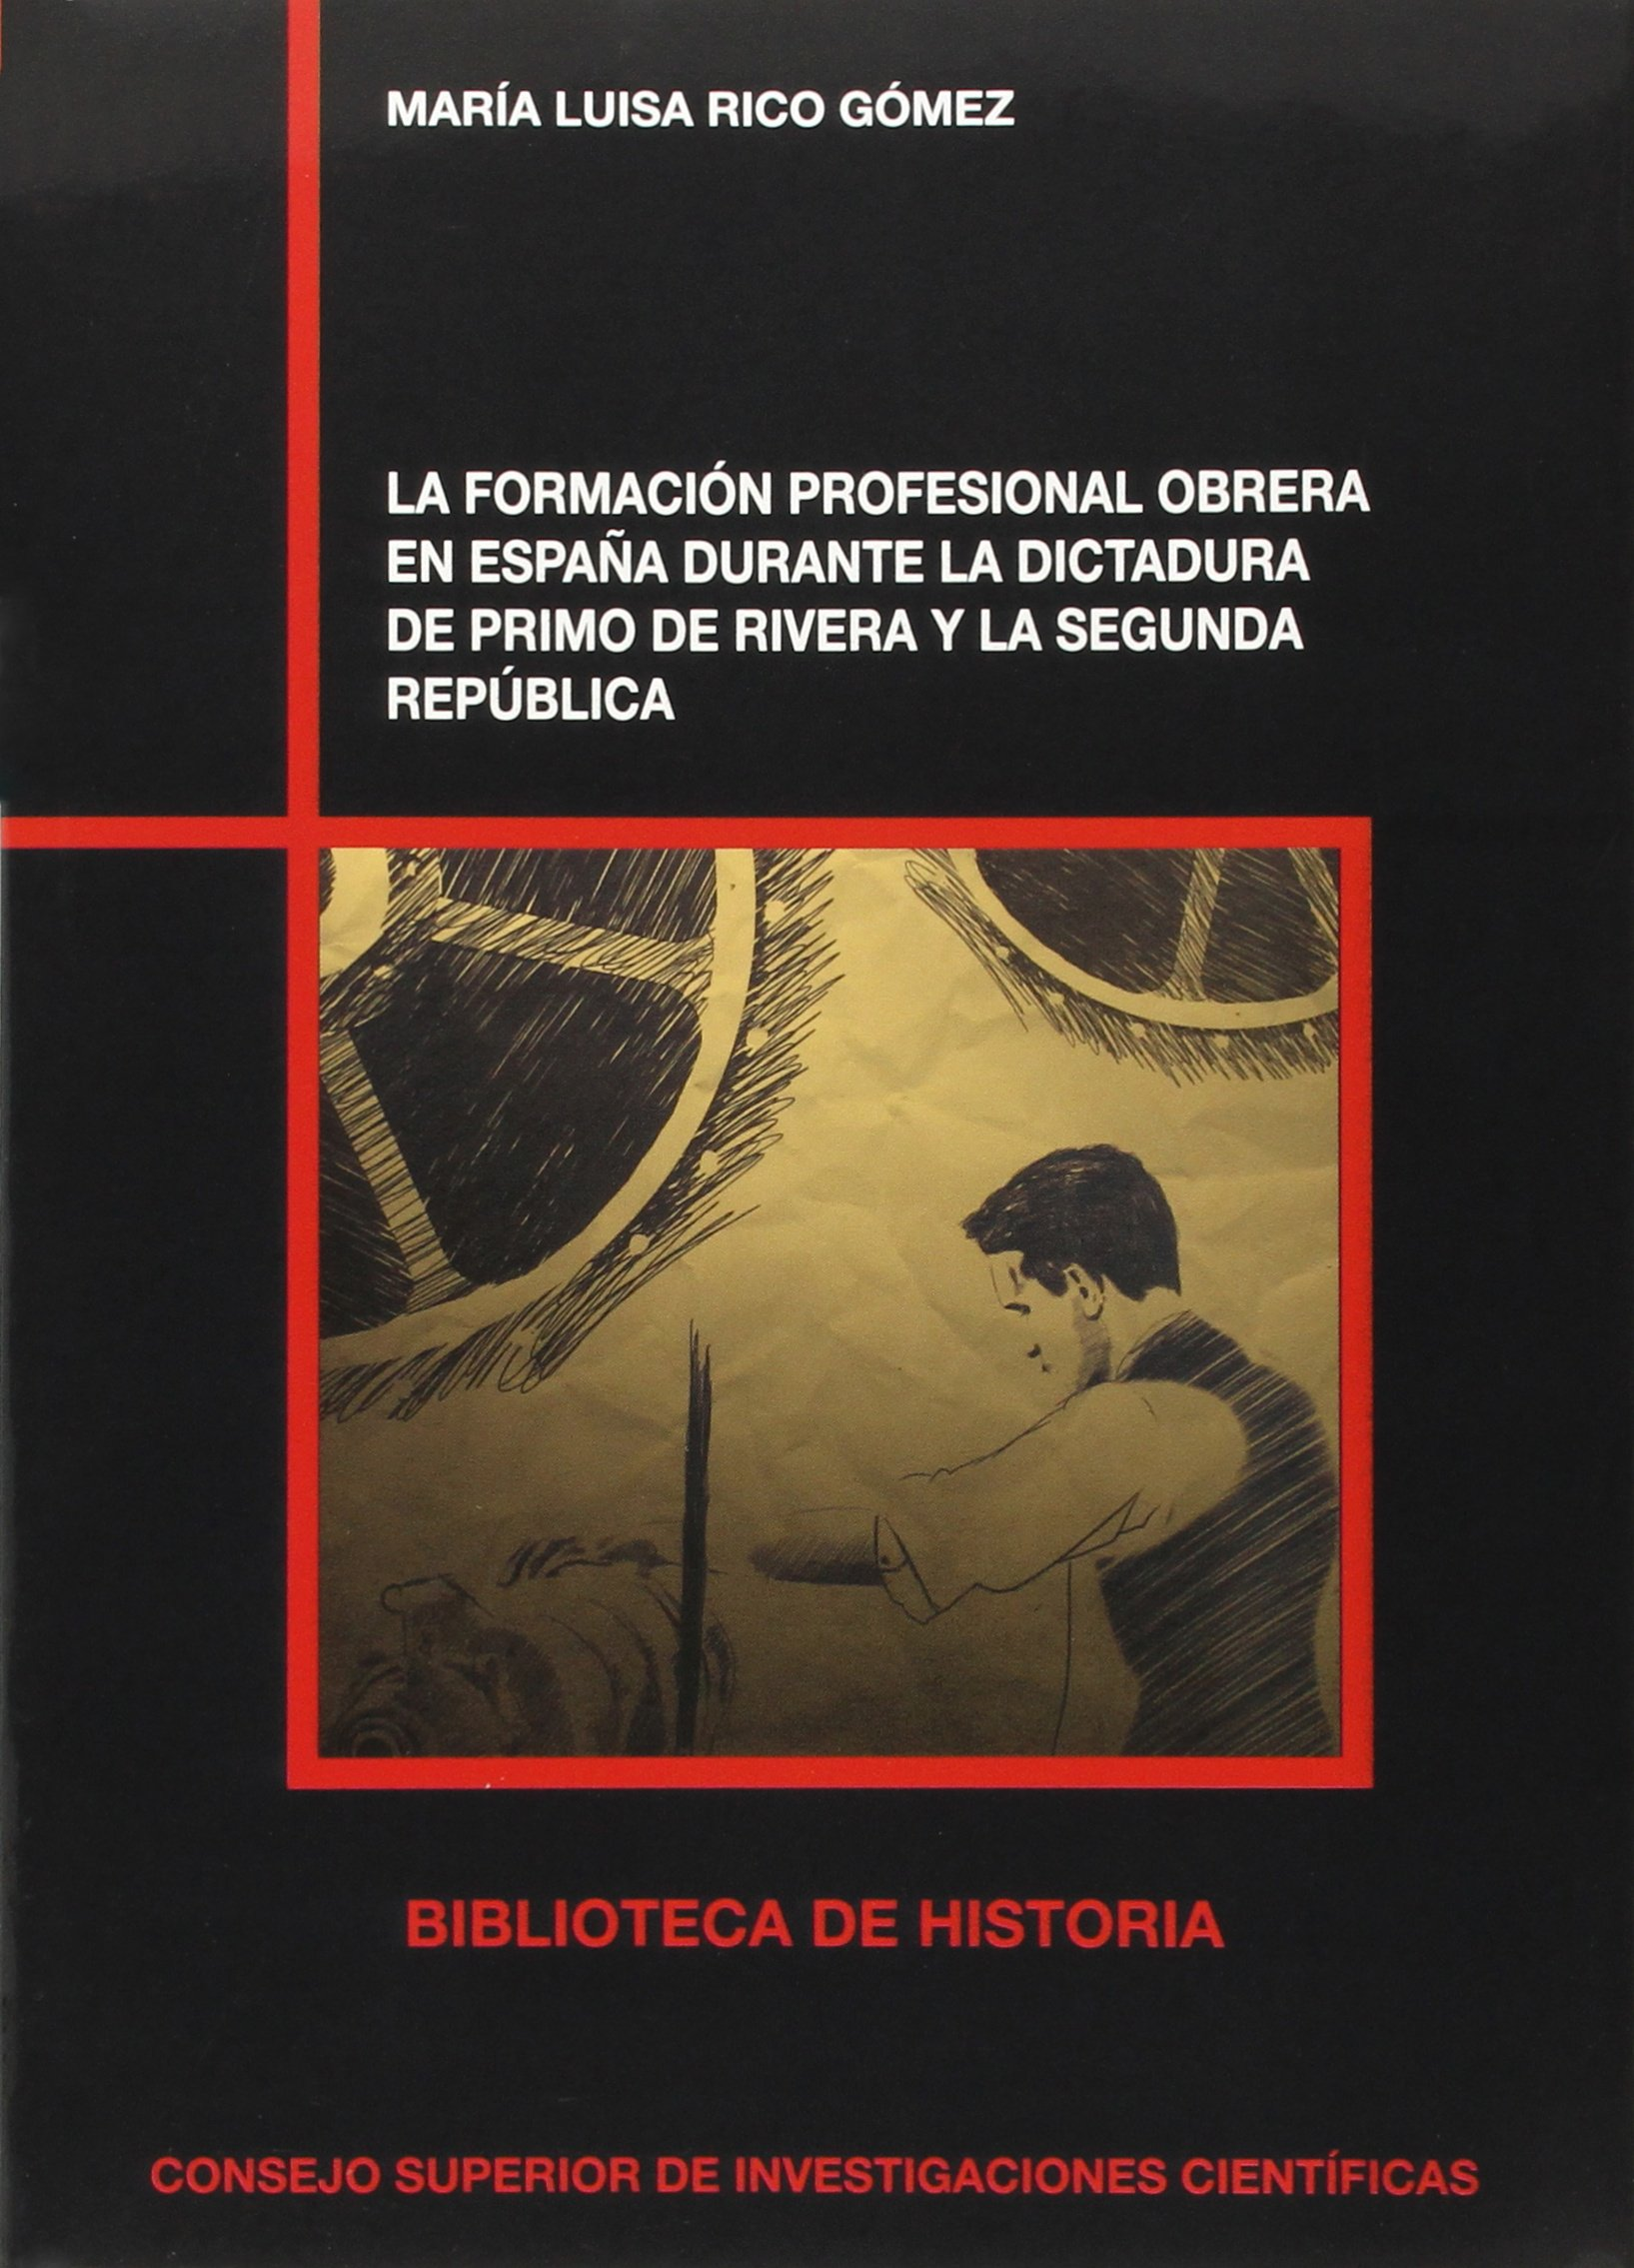 La formación profesional obrera en España durante la dictadura de Primo de Rivera y la Segunda República: 79 Biblioteca de Historia: Amazon.es: Rico Gómez, María Luisa: Libros